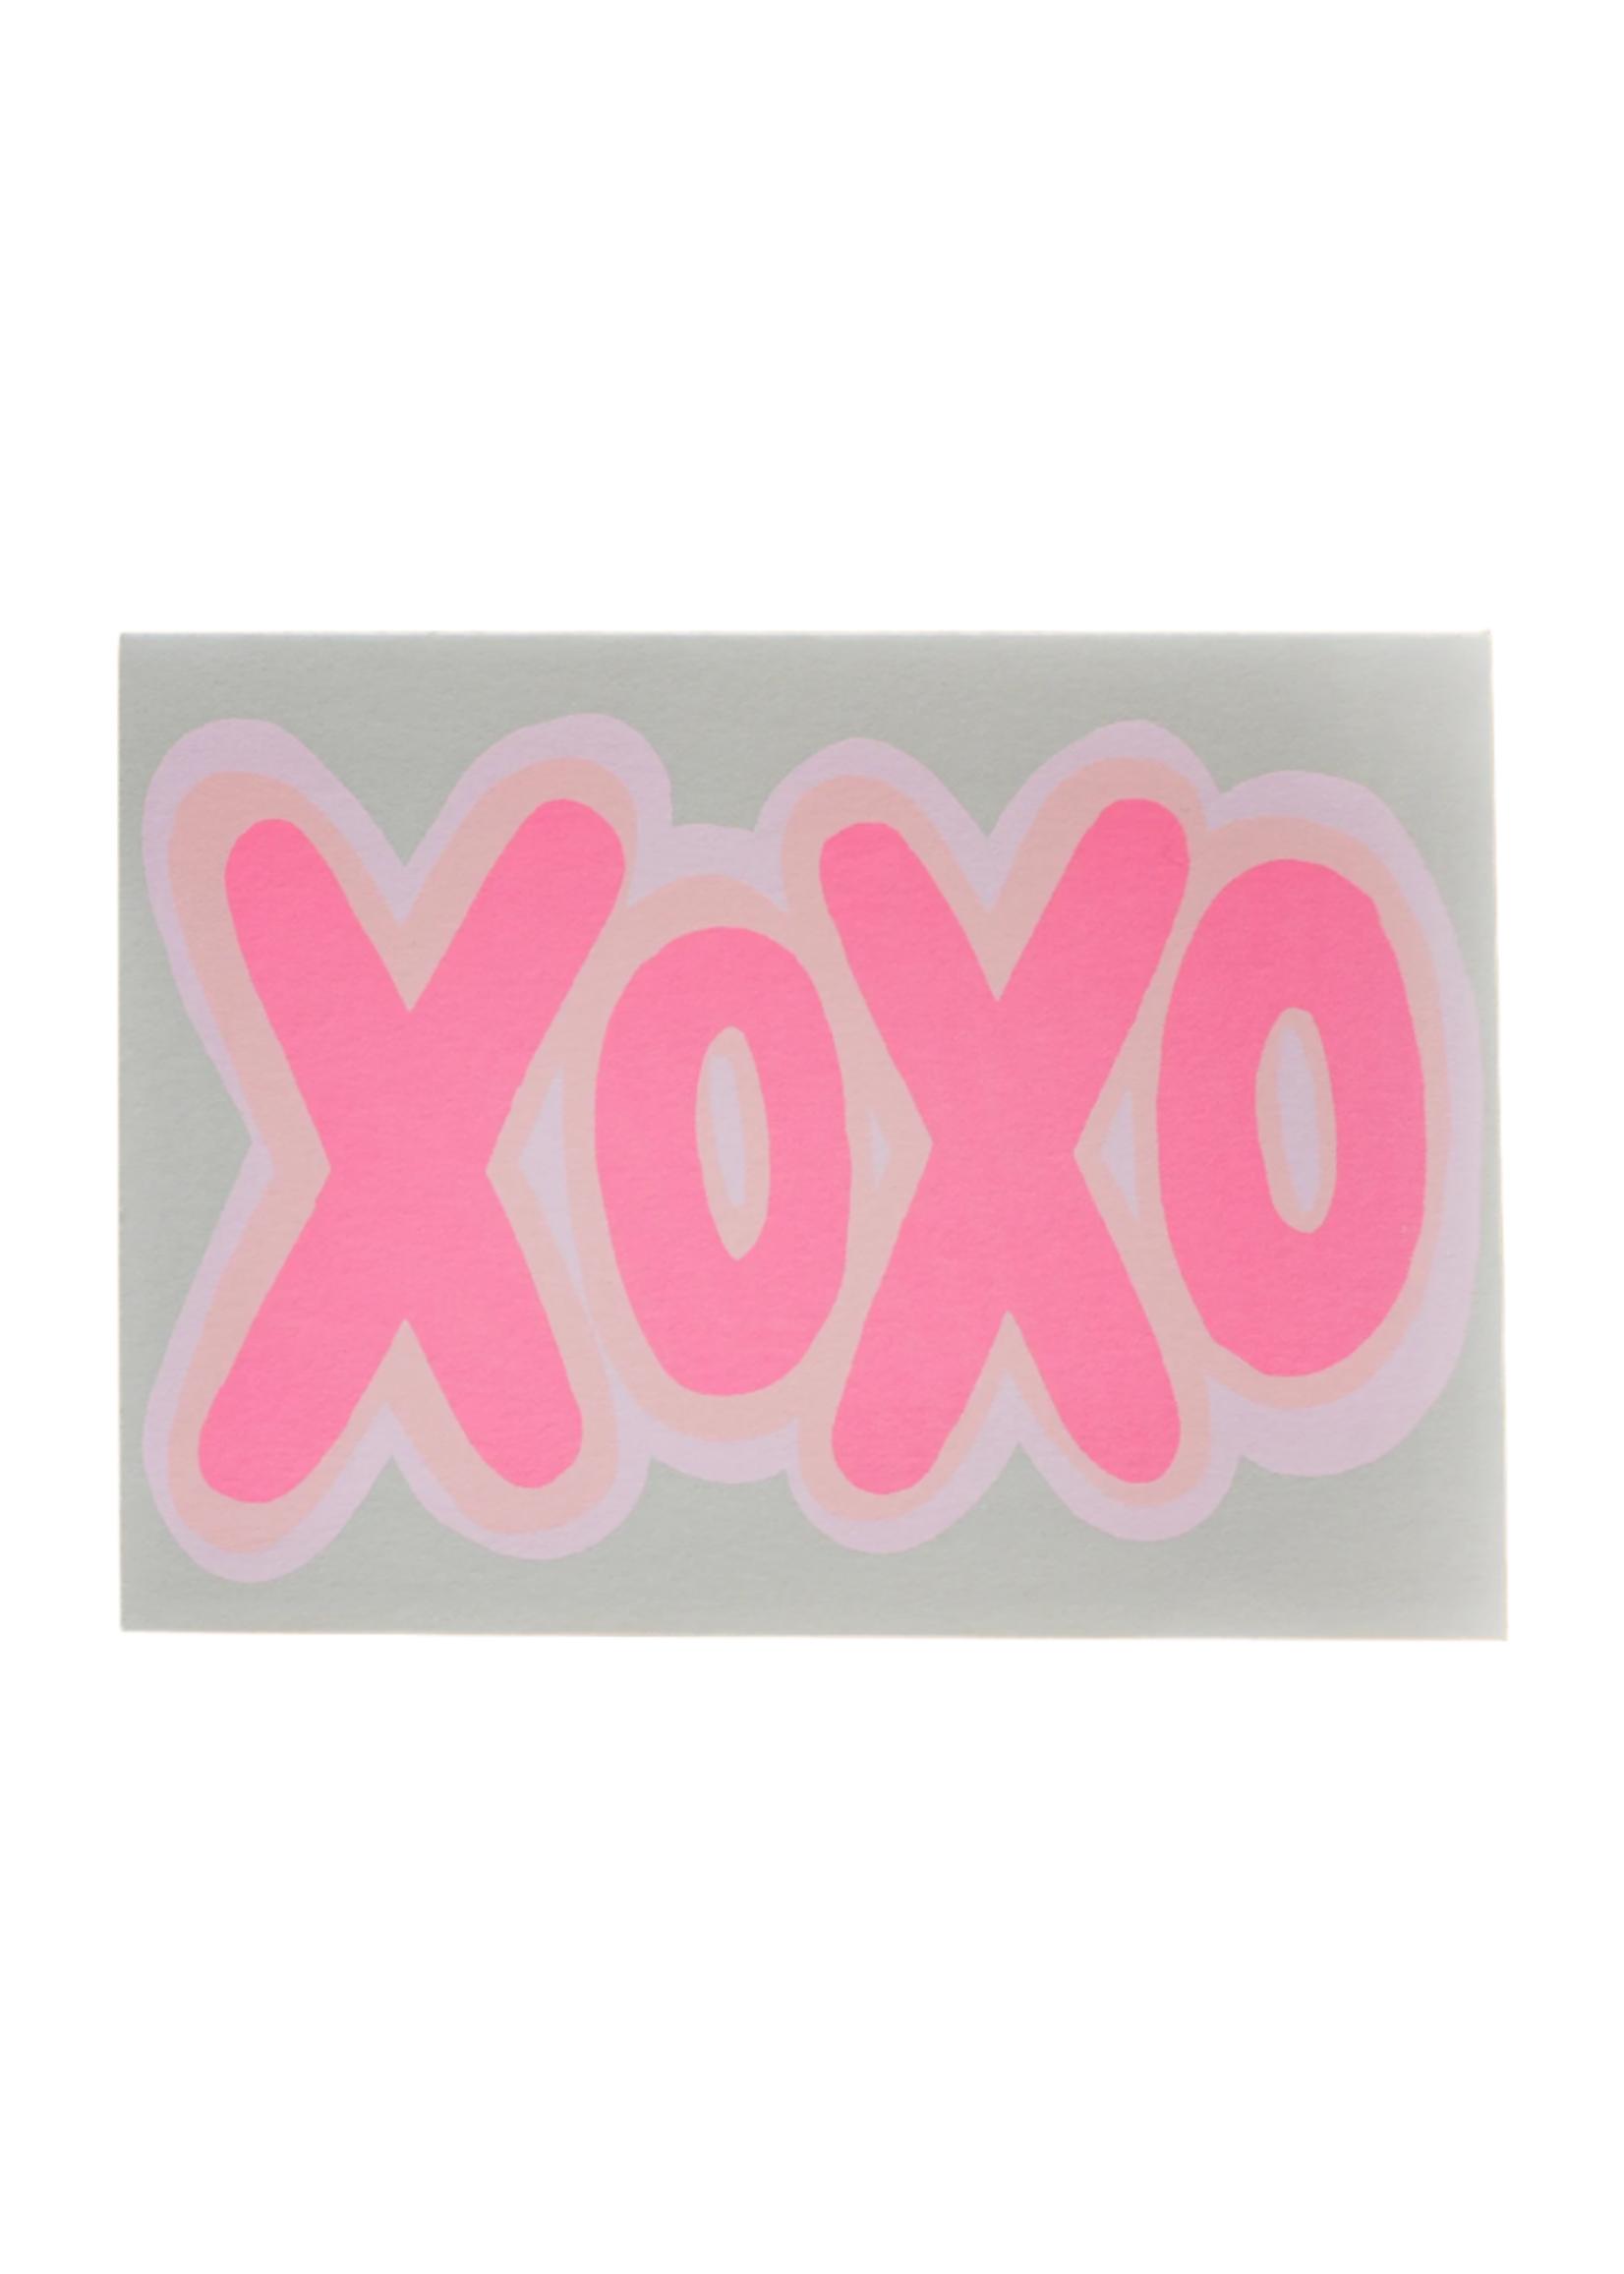 Gold Teeth Brooklyn XOXO Shadow Love  Card